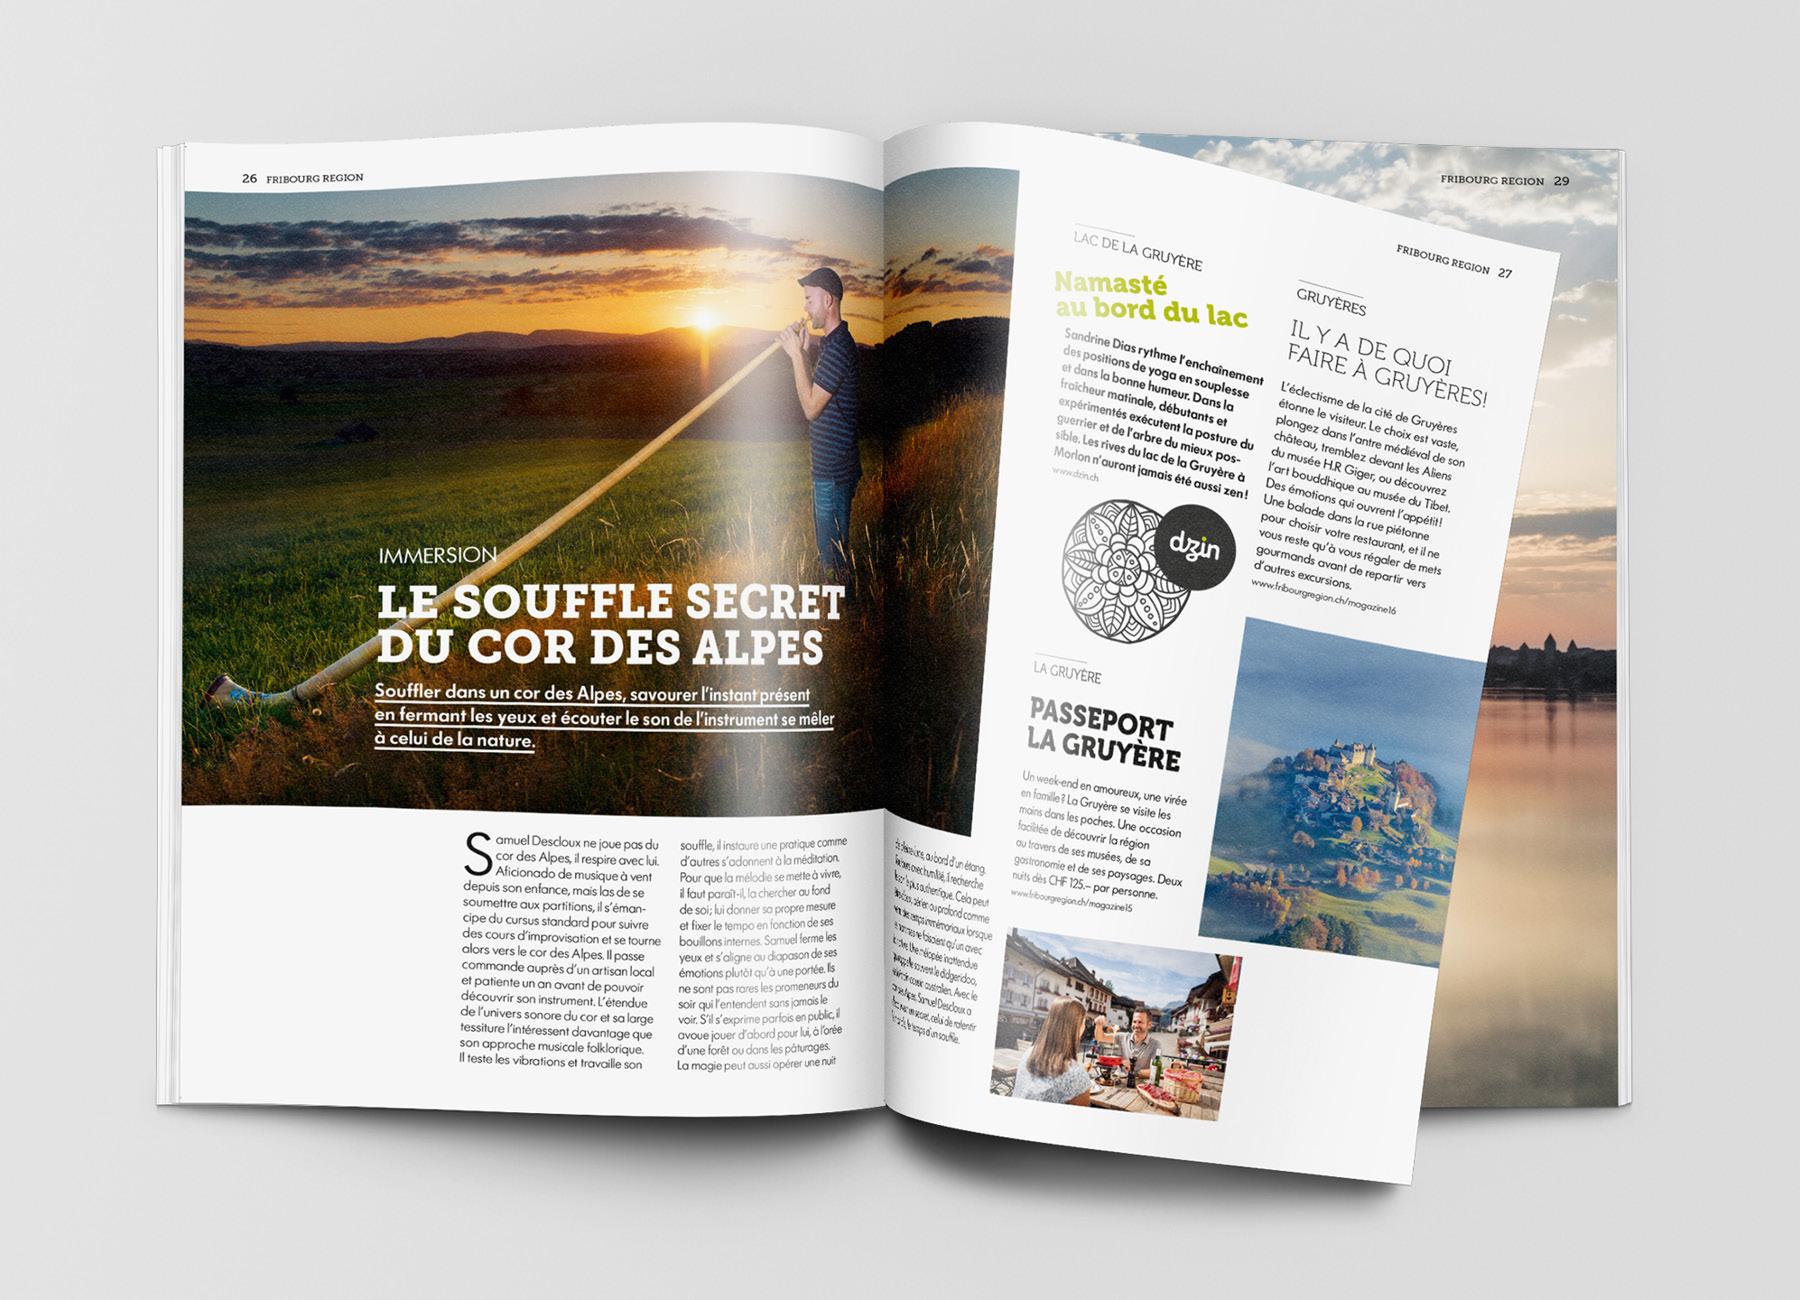 fribourg region magazine tourisme authentique